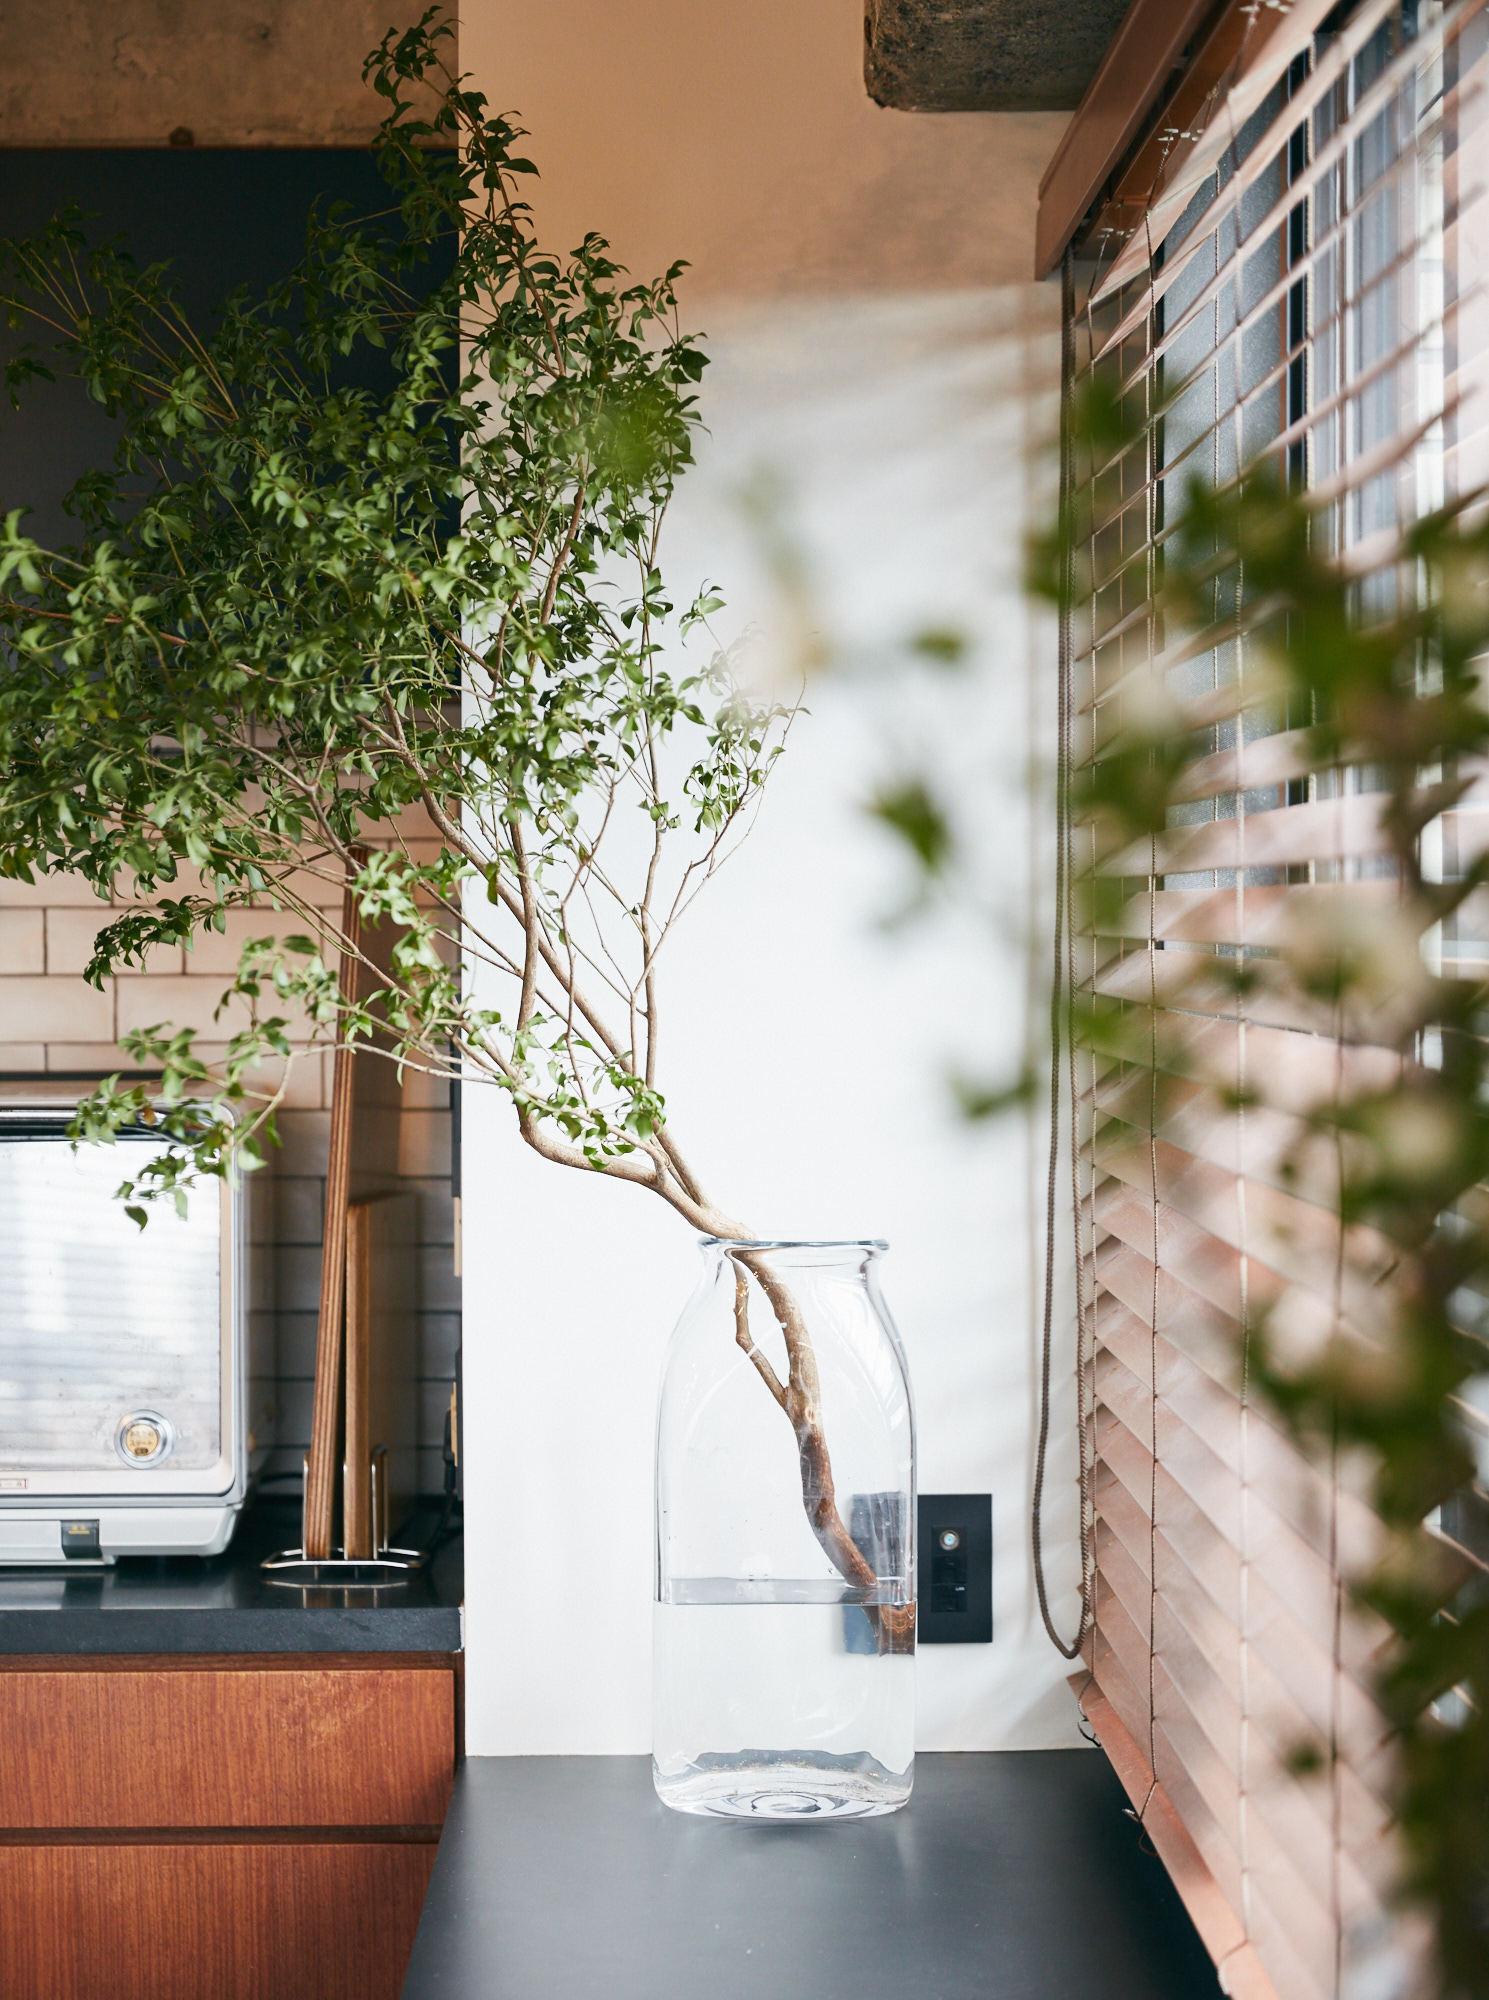 窓辺におしゃれに植物を飾る